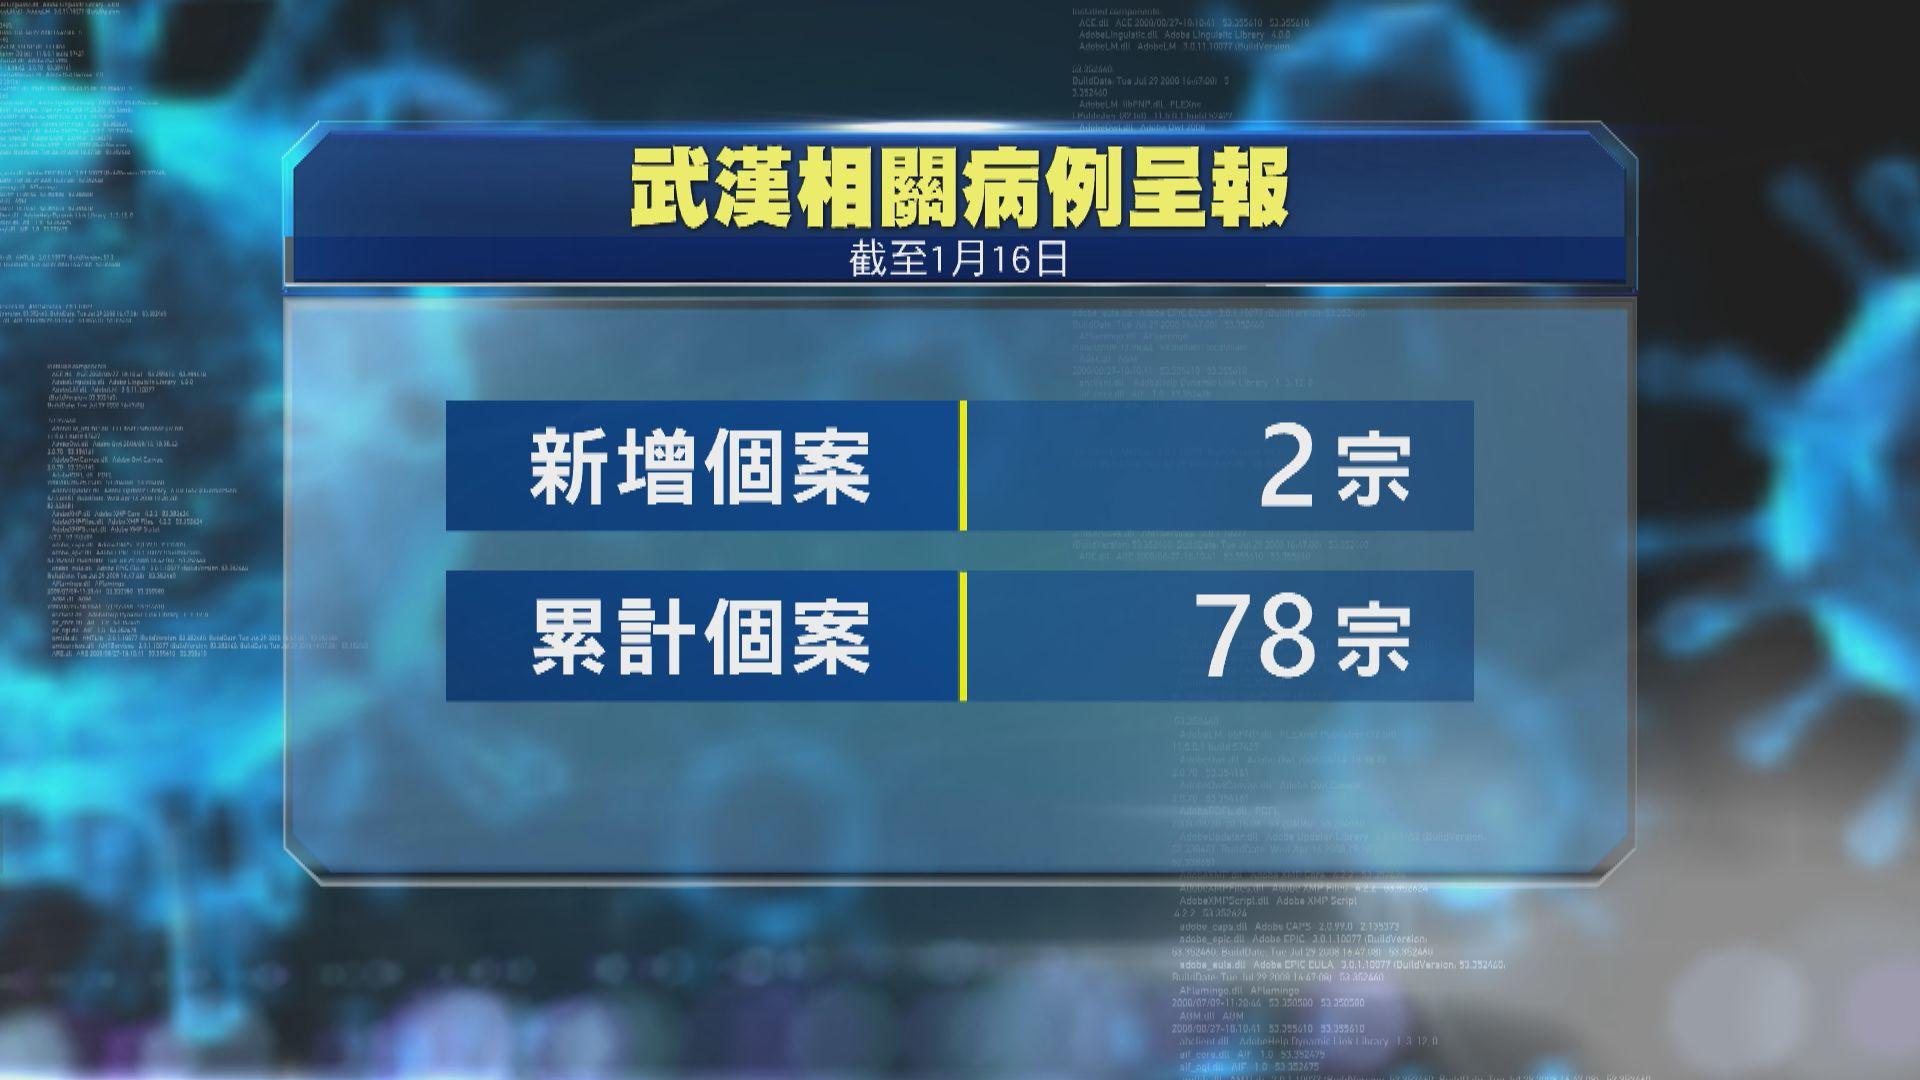 再多兩人由武漢返港後出現感染徵狀 累計個案增至78宗